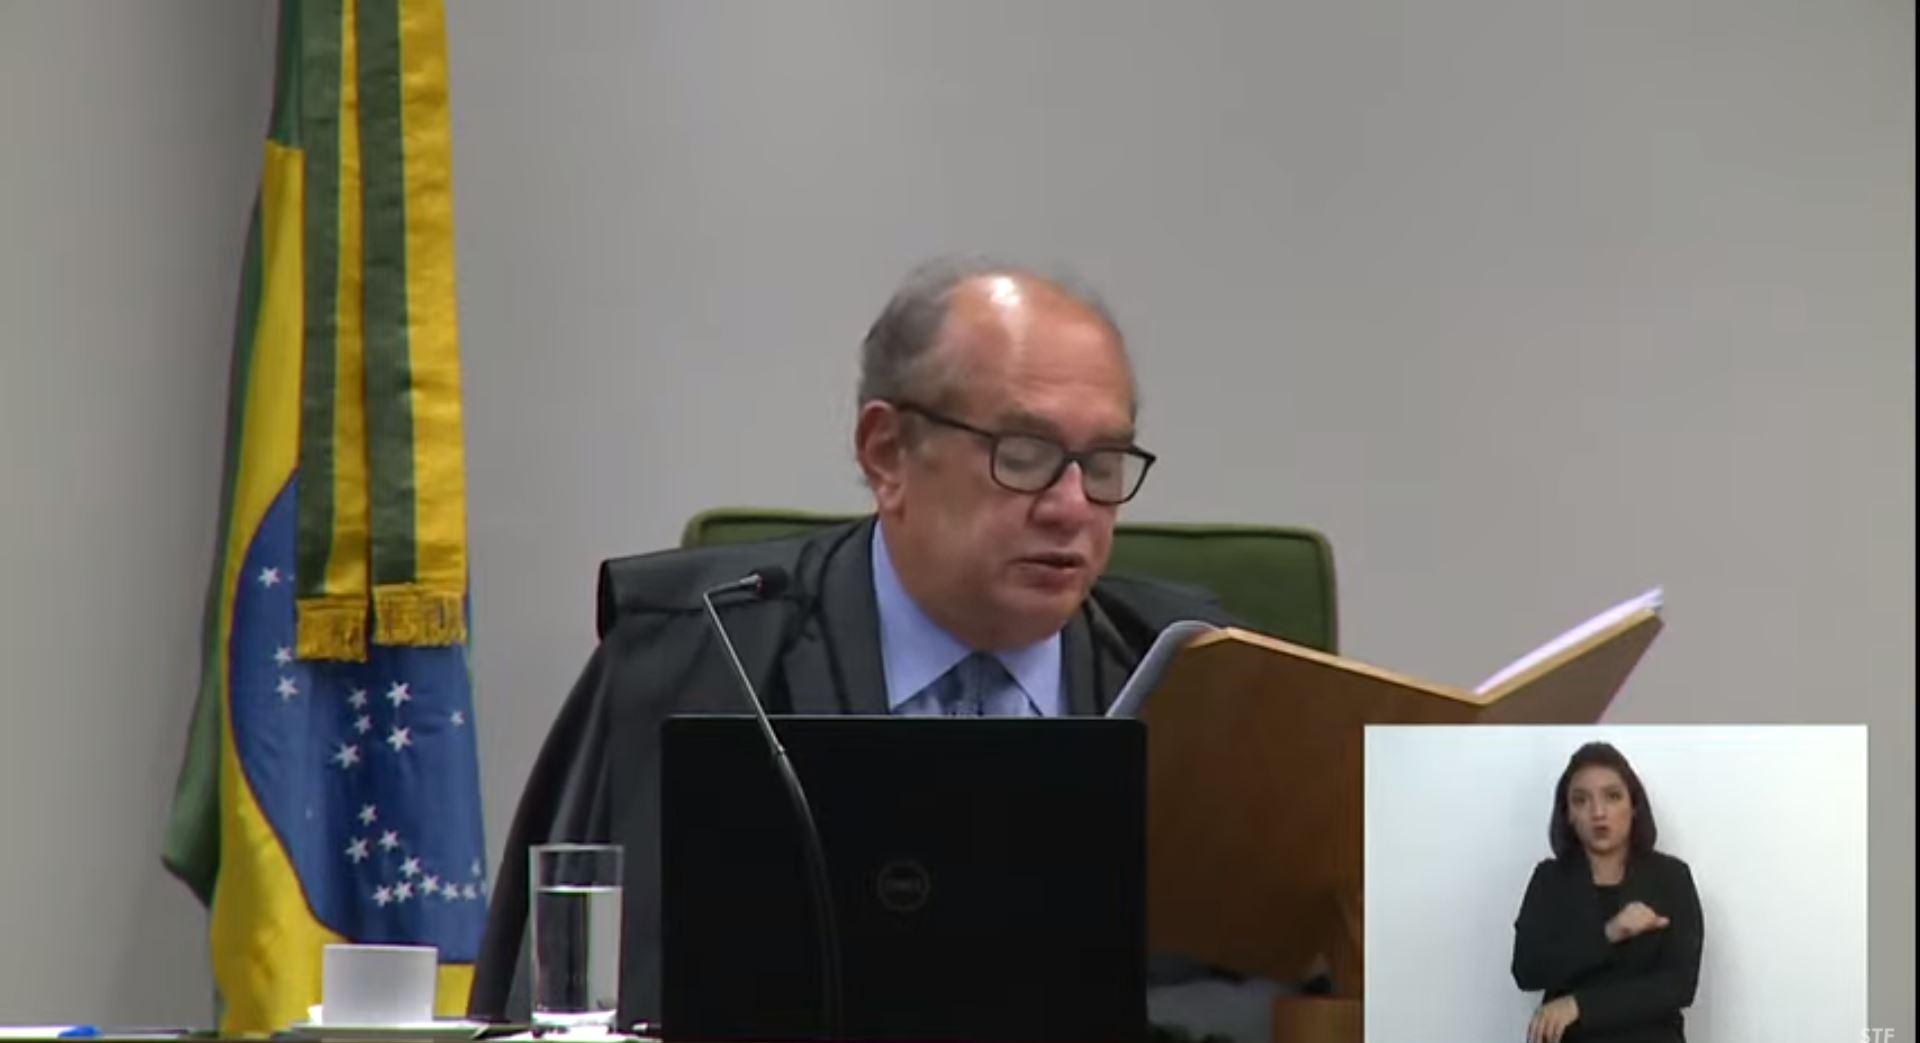 IMAGEM: Gilmar suspende julgamento sobre acesso de autoridades a dados cadastrais sem decisão judicial